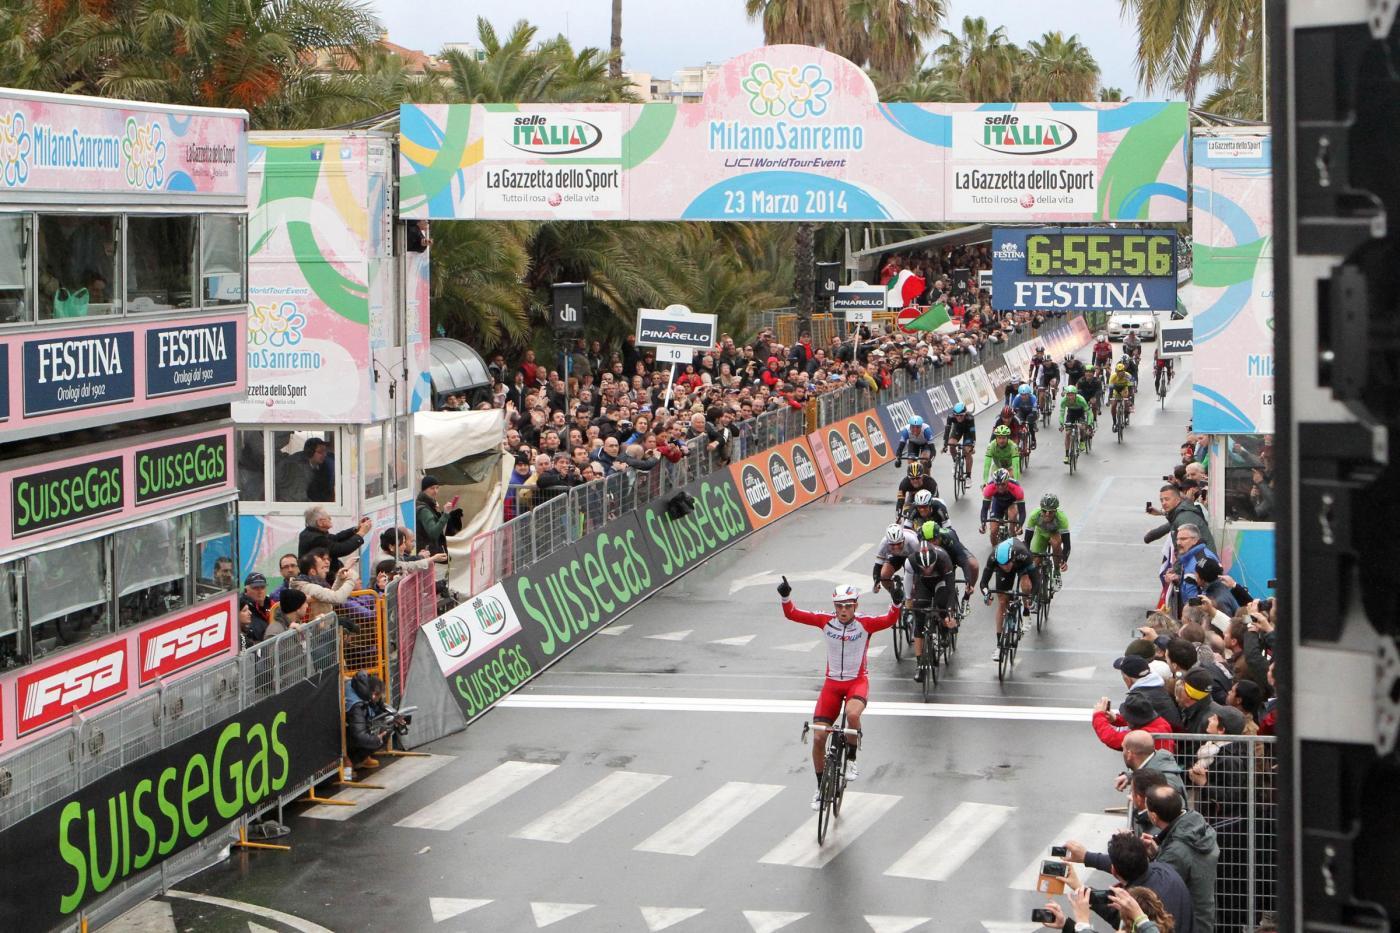 Giro d'Italia 2015: partecipanti, squadre e favoriti